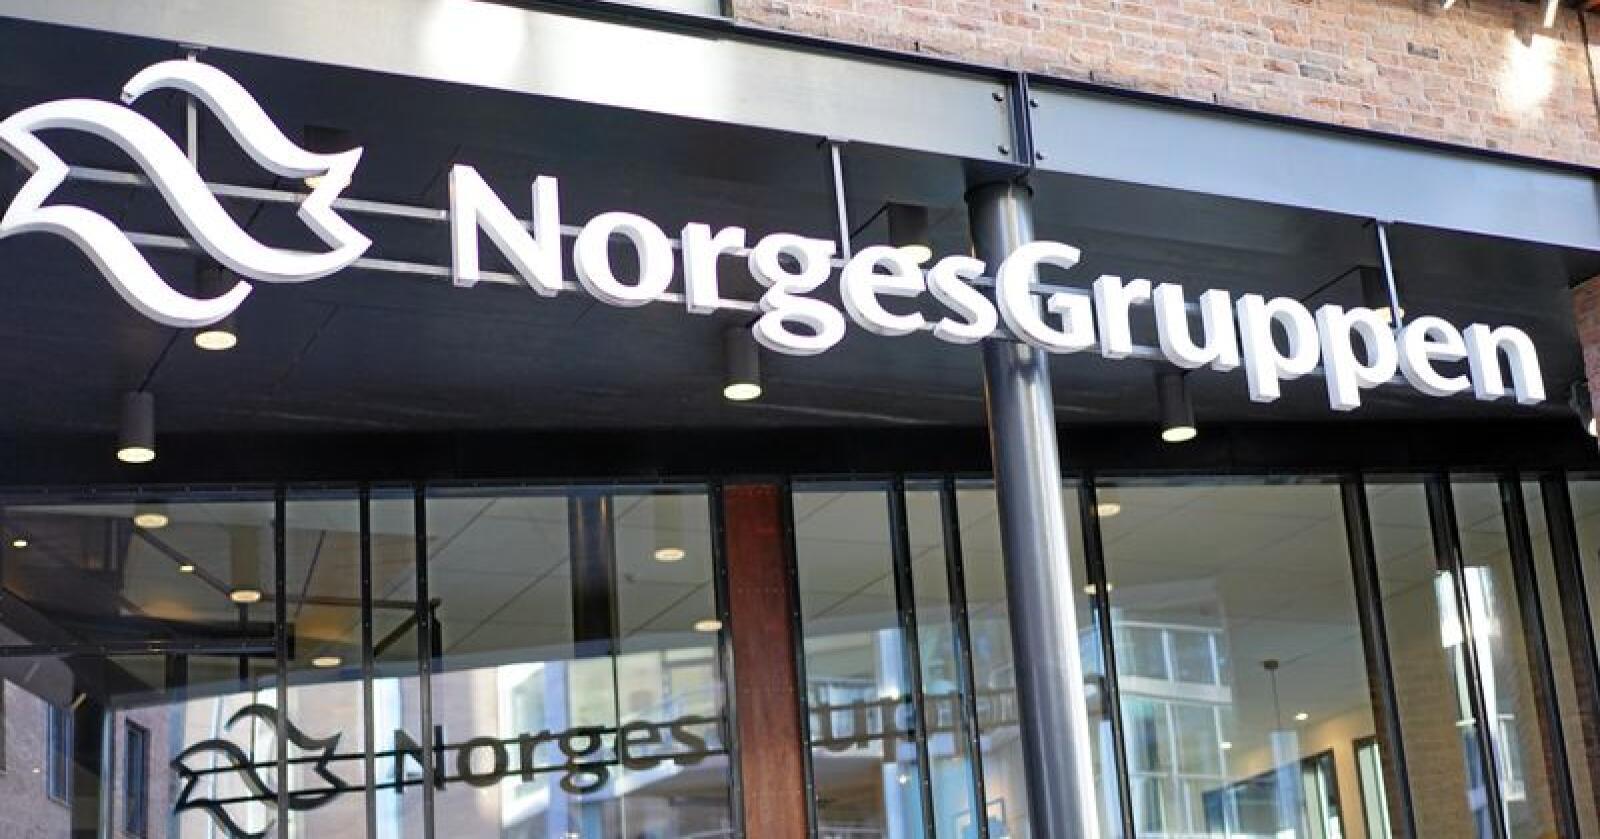 Norgesgruppen er største daglegvareaktør i Noreg, med over 40 prosent av marknaden. Det gir makt, men også ansvar. Foto: Benjamin Hernes Vogl